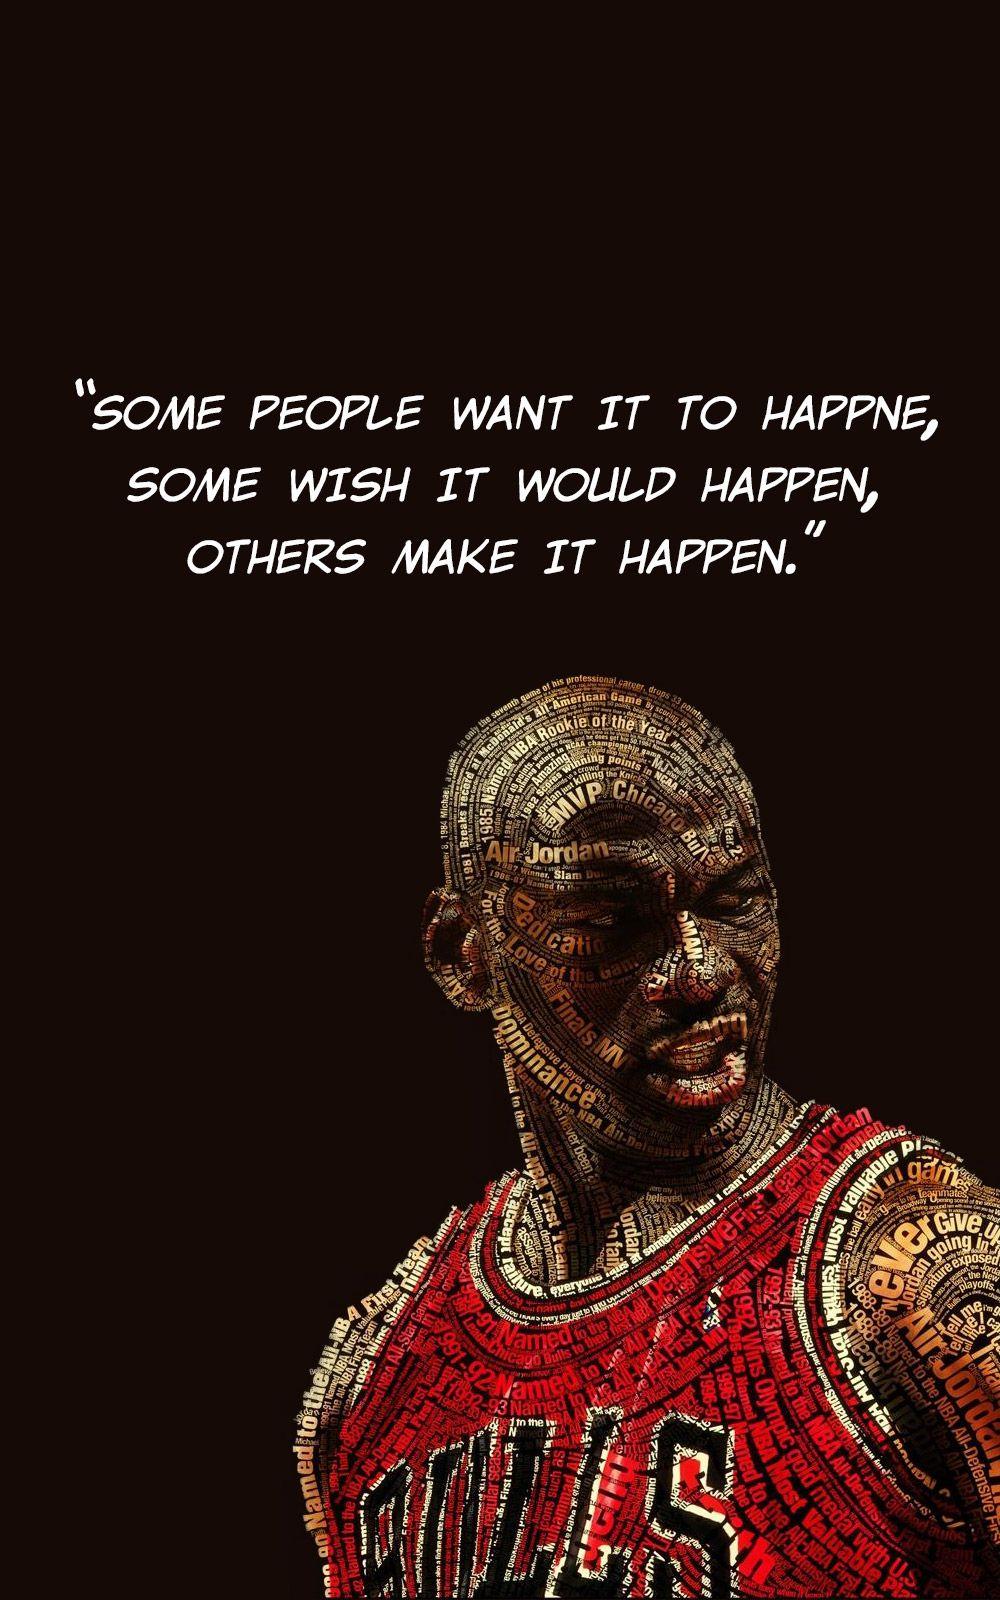 Michael Jordan Quote About Making It Happen Michael Jordan Quotes Jordan Quotes Michael Jordan Tattoo